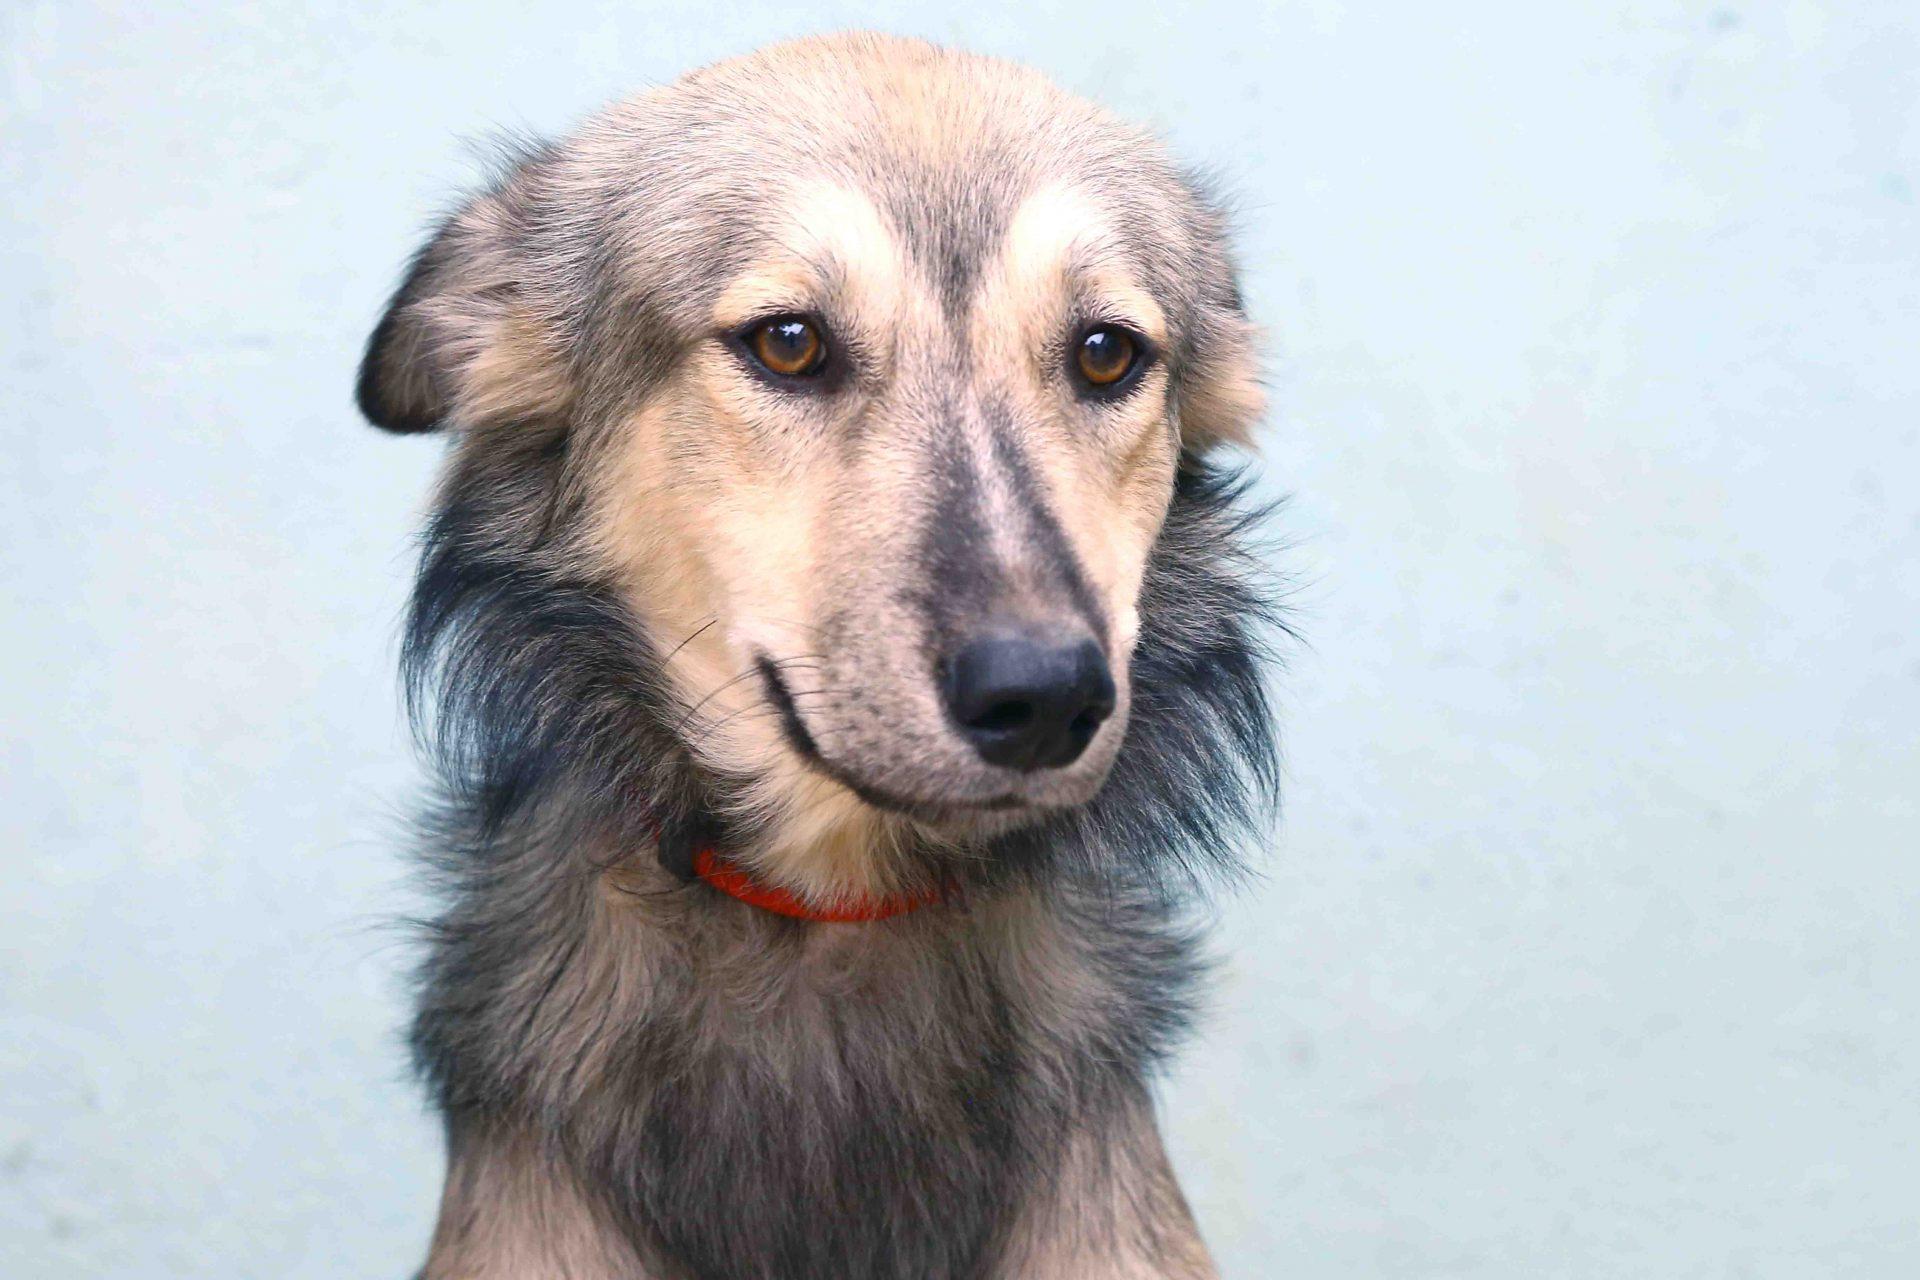 ג'ין כלב לאימוץ אגודת צער בעלי חיים בישראל